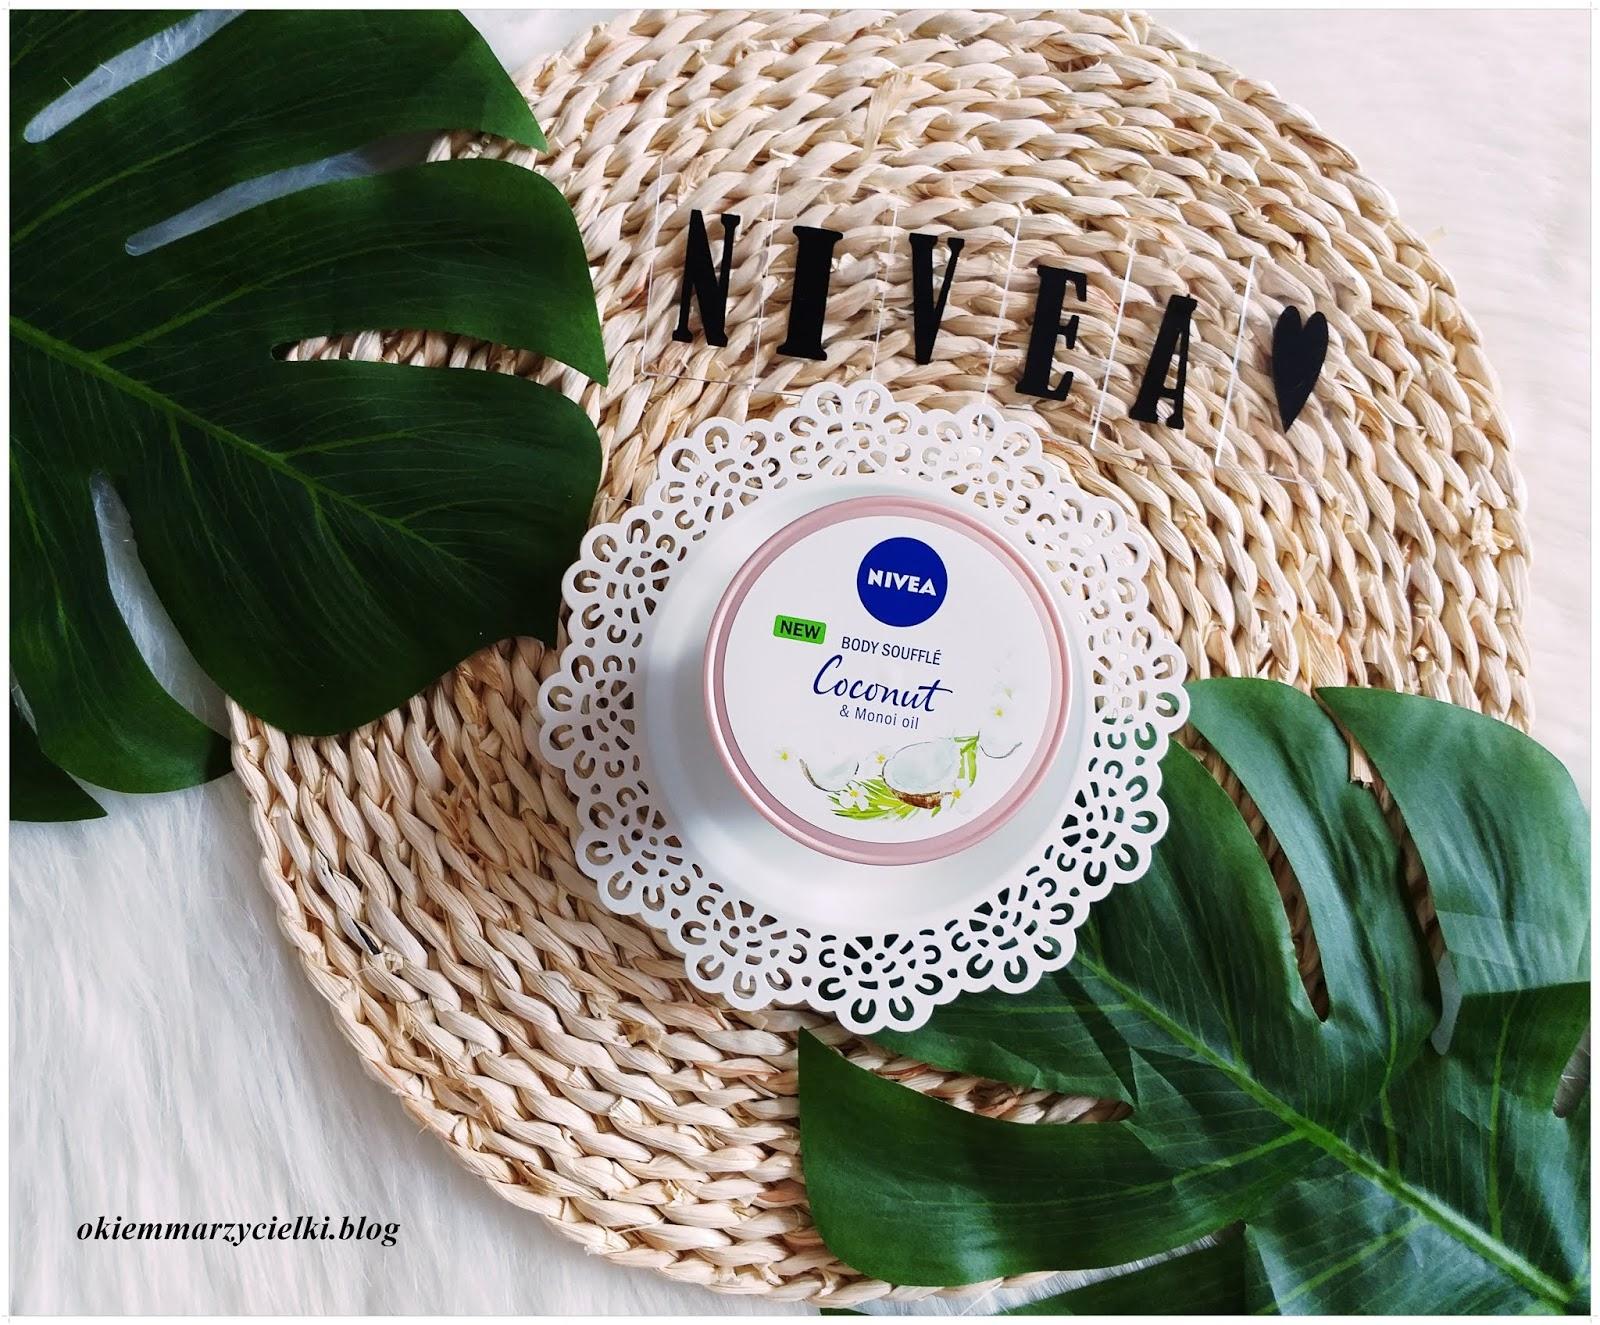 Kokosowy zawrót głowy z marką Nivea| Suflet do ciała Kokos i Olejek Monoi (Olejek w kremie), Nivea-recenzja #107